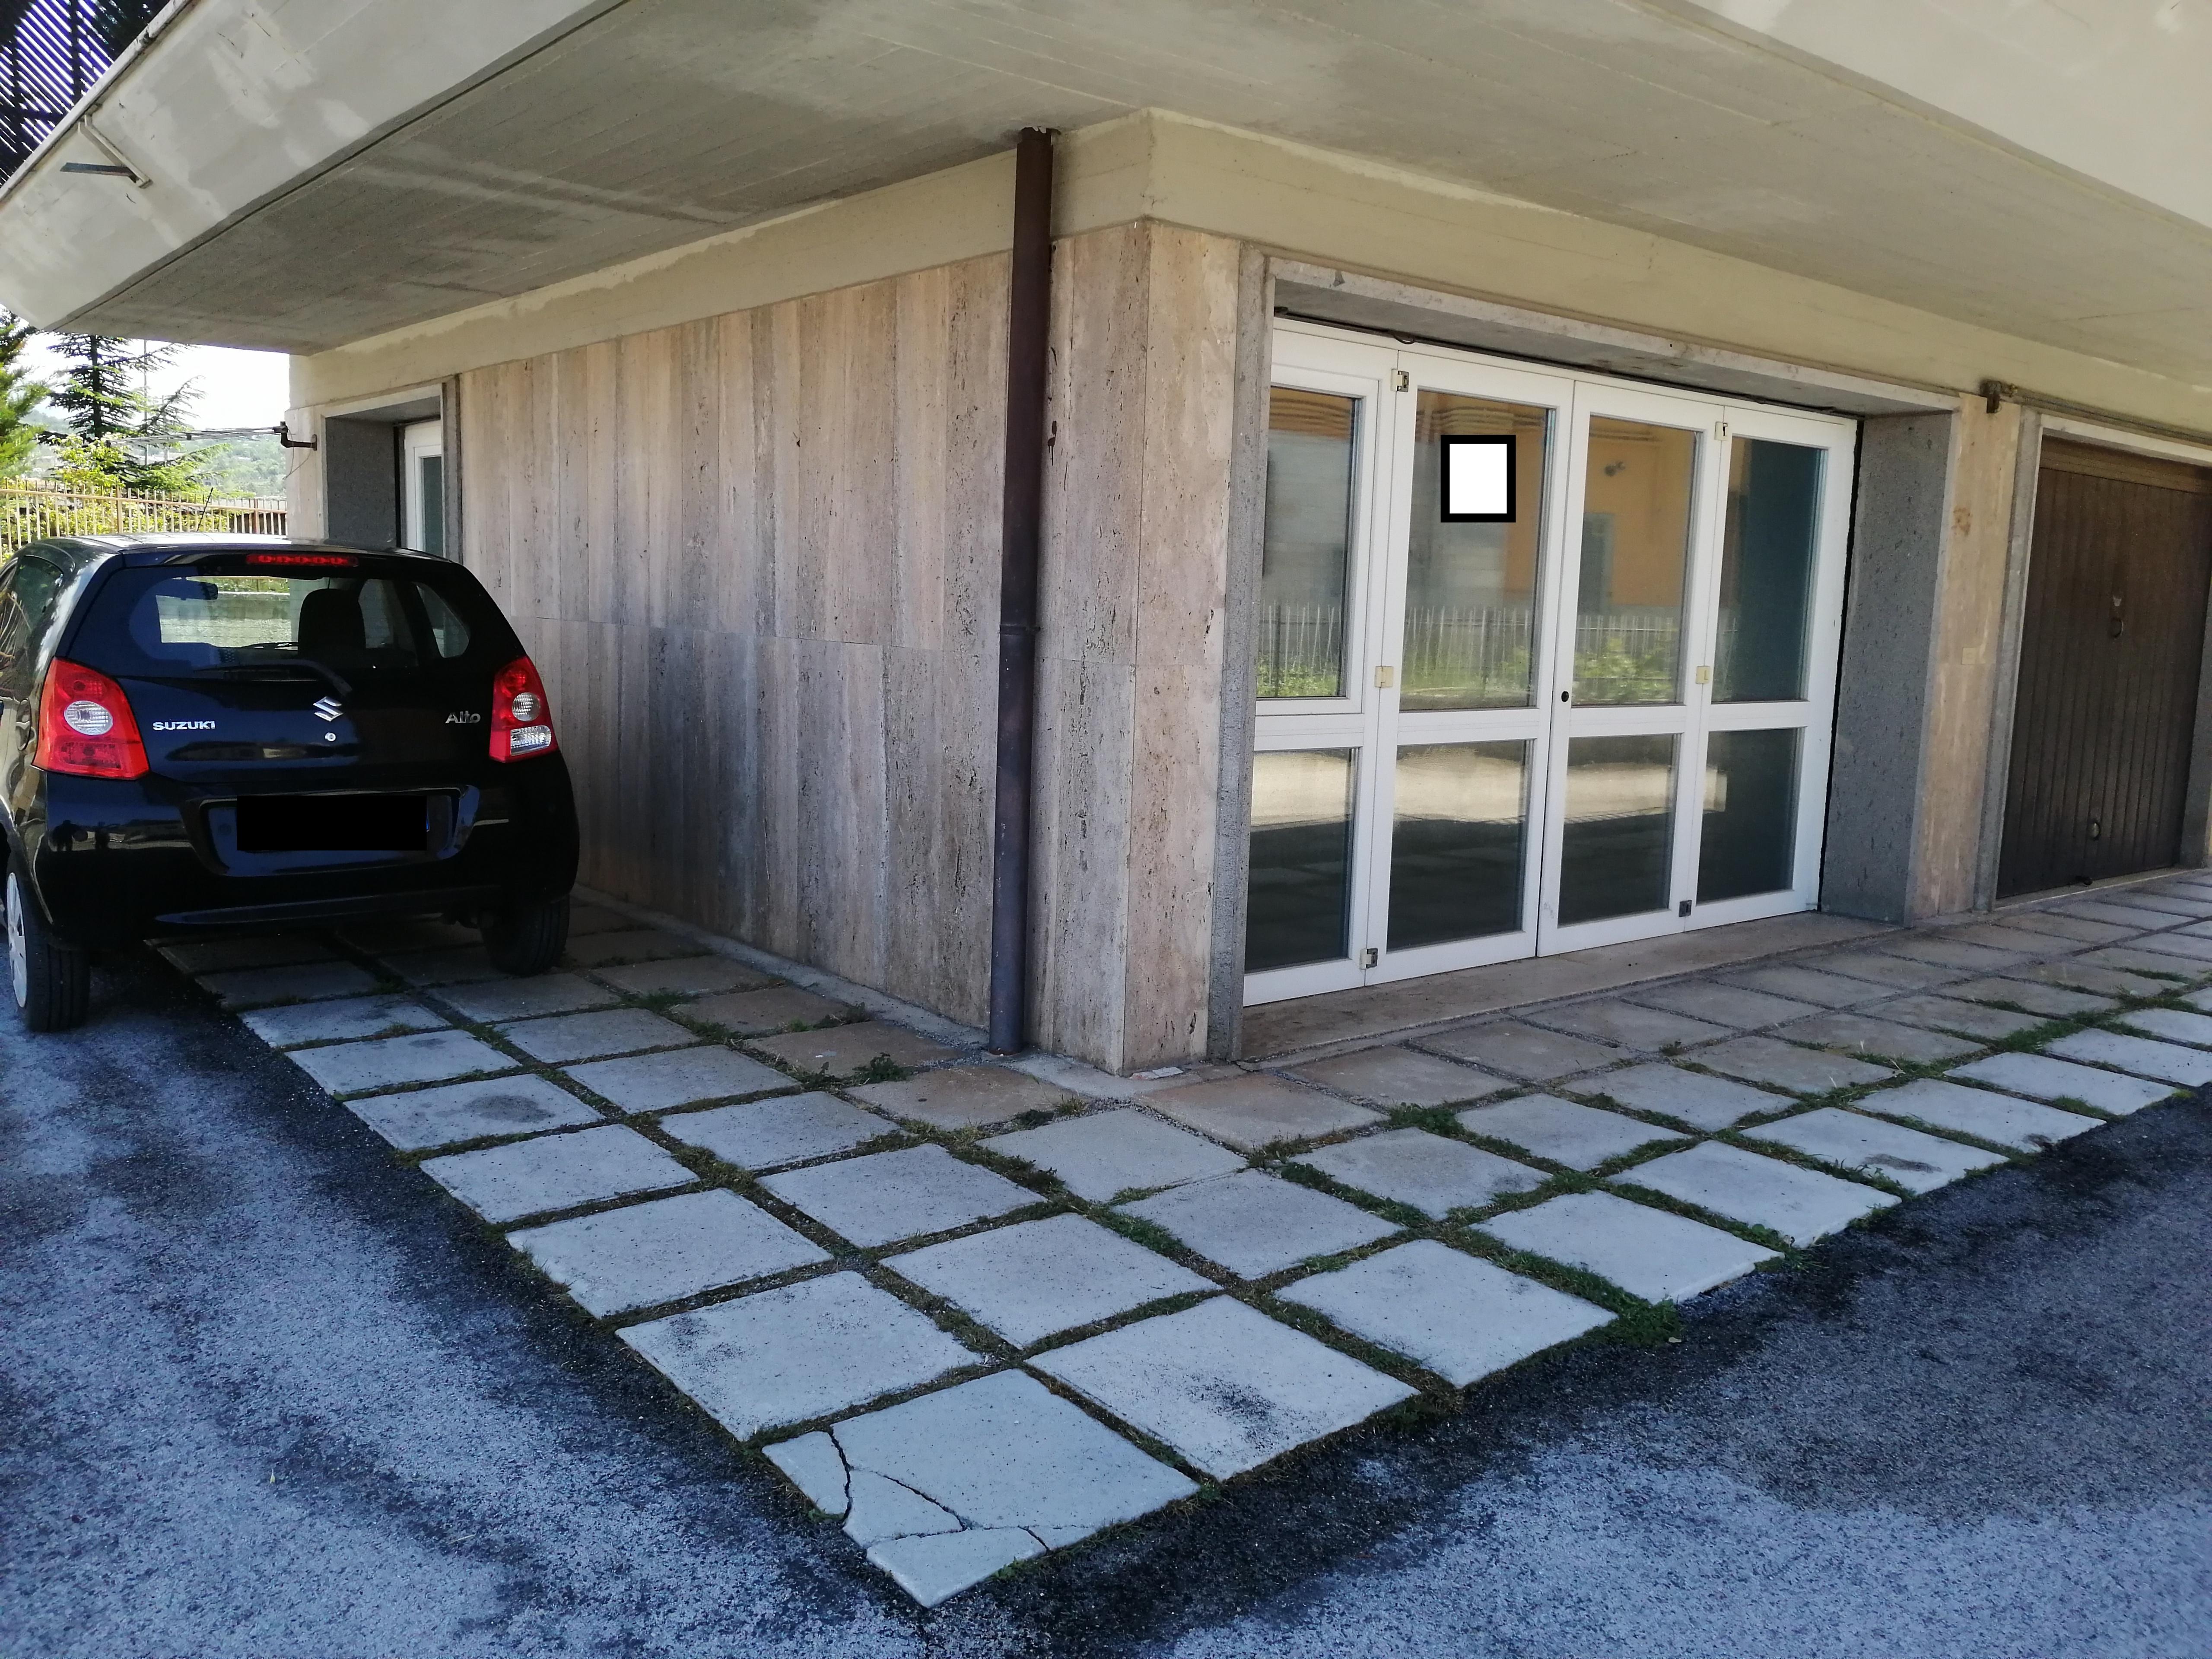 AFFITTA LOCALE USO STUDIO – L'AQUILA